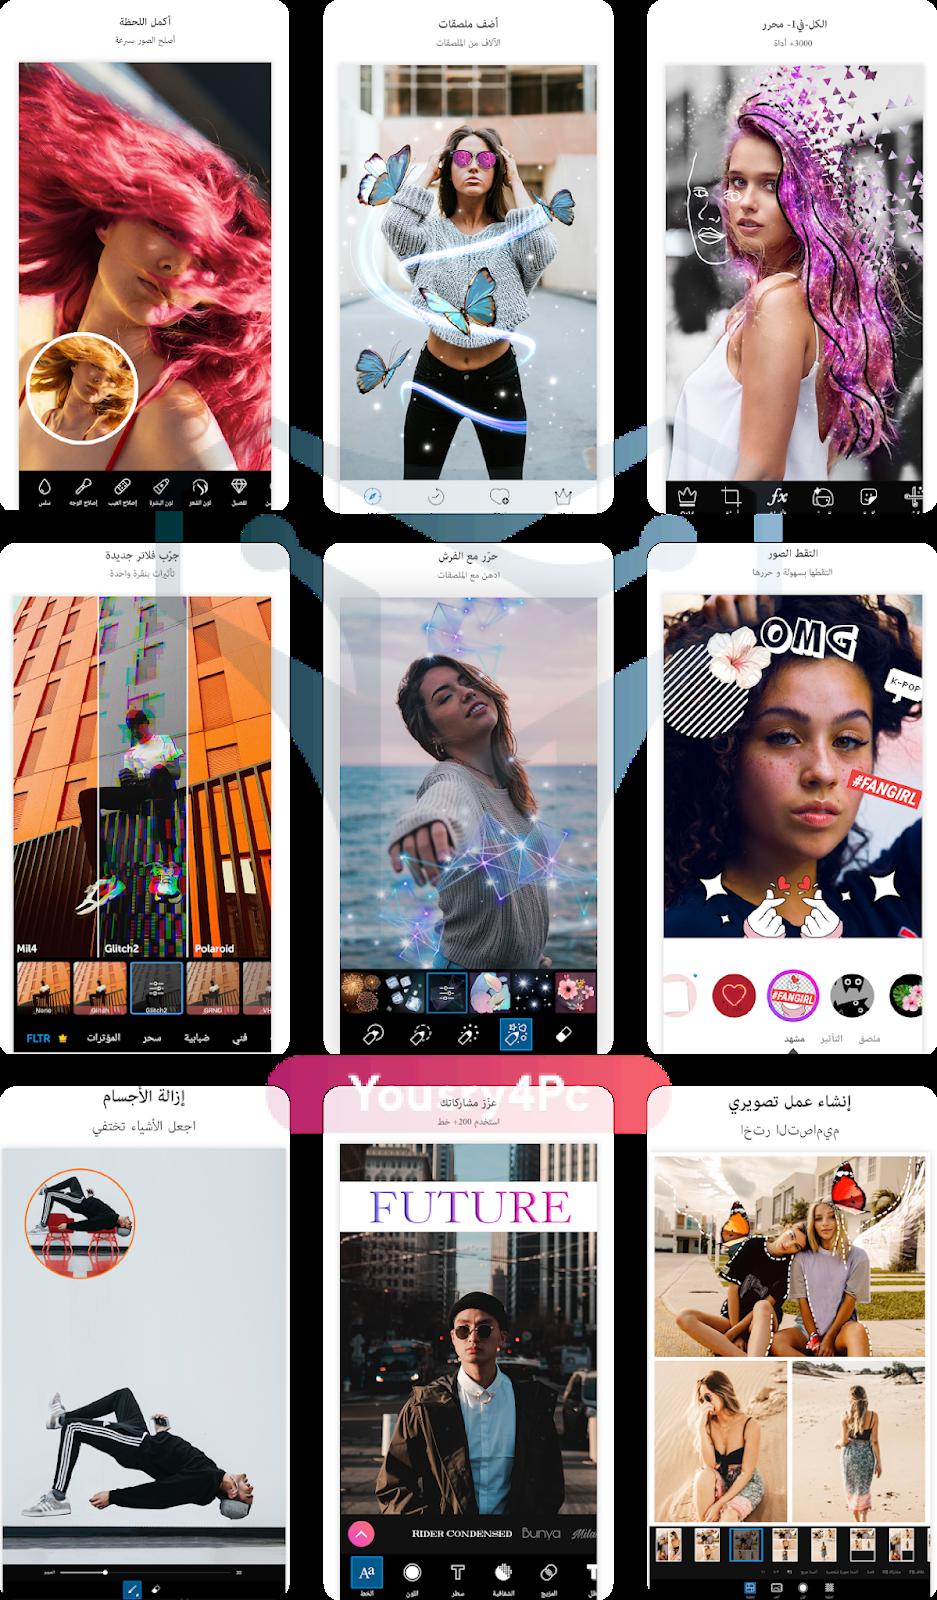 تحميل تطبيق بيكس ارت ستوديو Picsart Photo Studio اخر اصدار مدفوع  لتعديل وتحرير الصور على الأندرويد